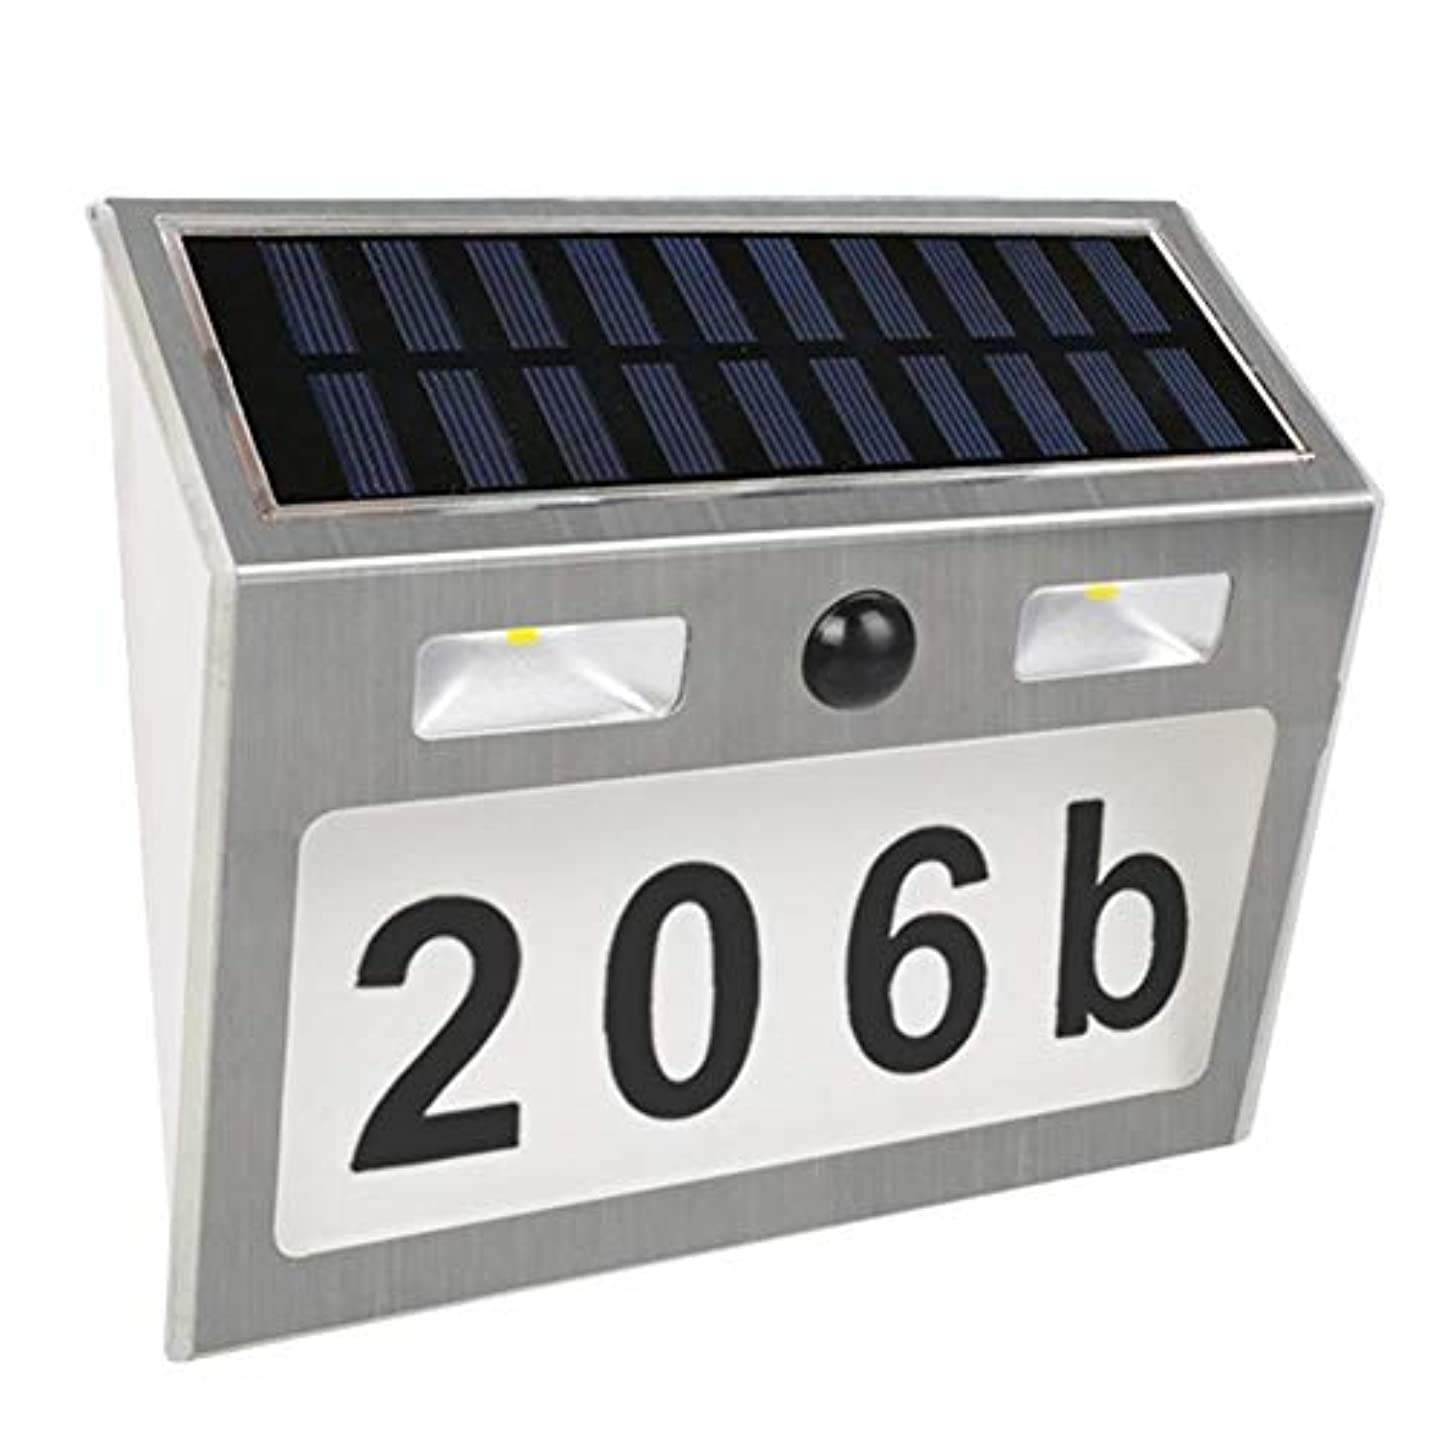 迅速場合学校教育ソーラーライト7 LEDソーラーハウスライトステンレススチール防水ソーラーボディセンサーライトガーデンヴィラデジタルハウスライト sundengy